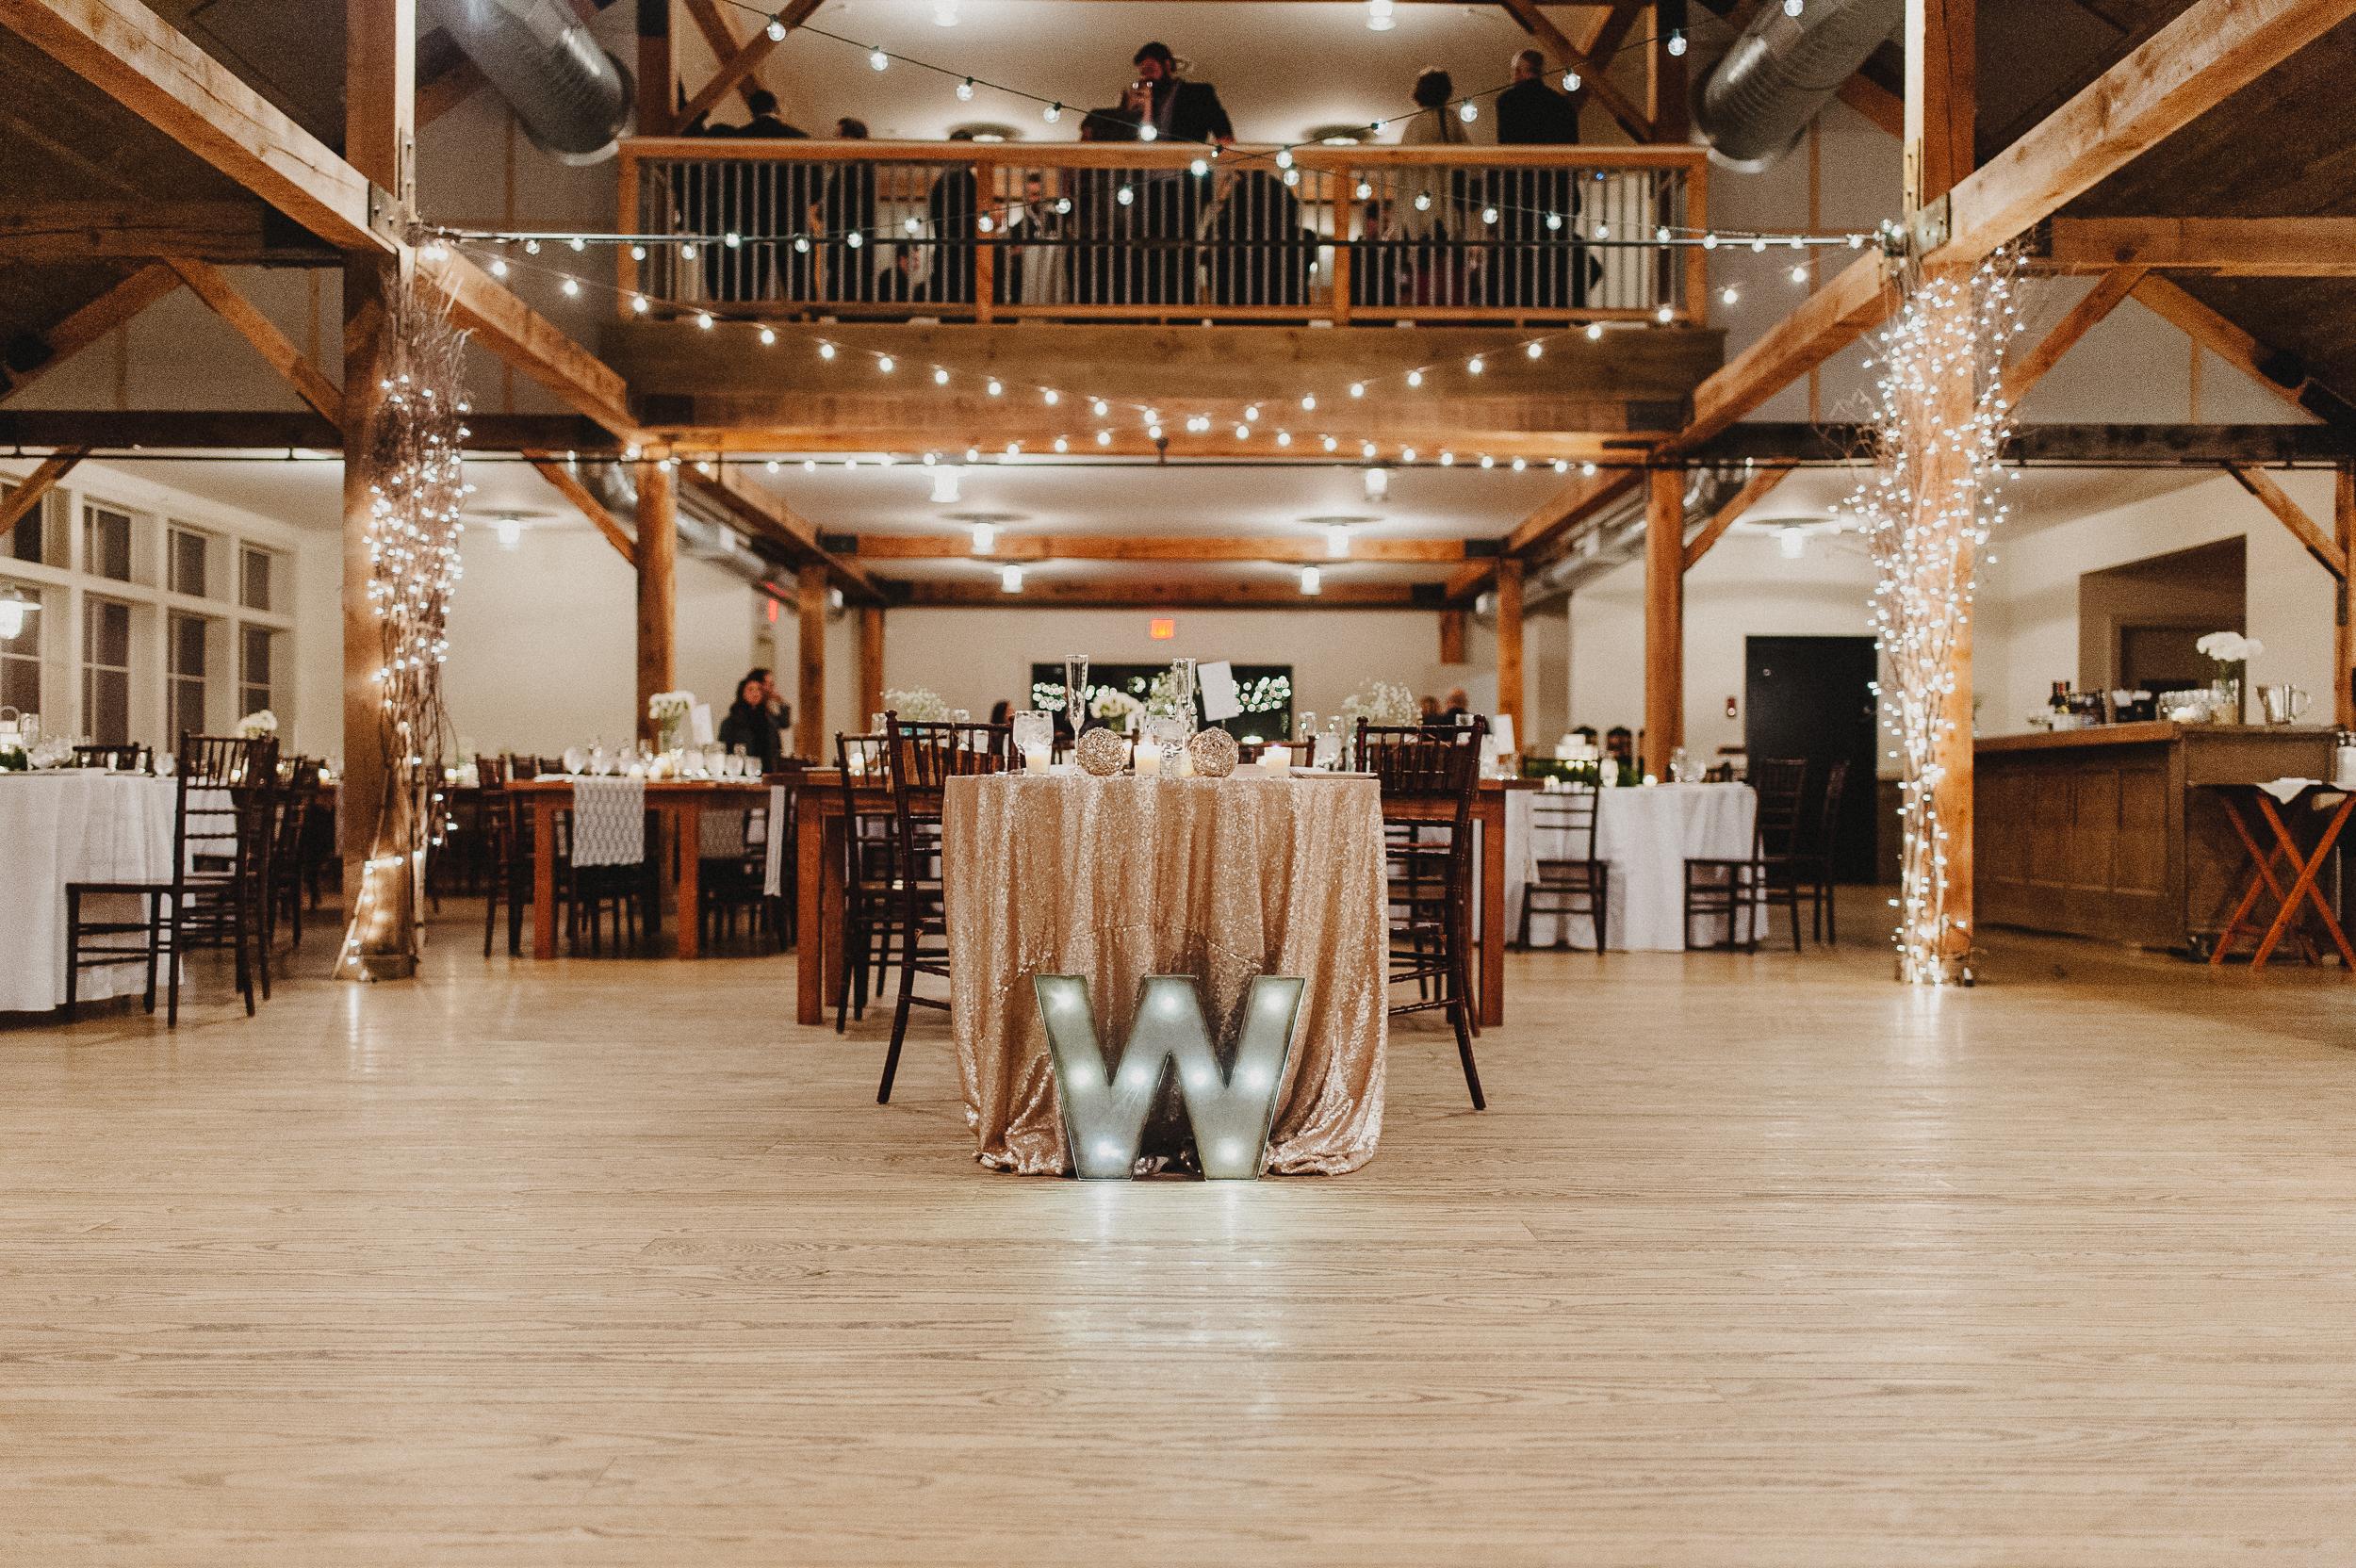 vermont-destination-wedding-photographer-51.jpg